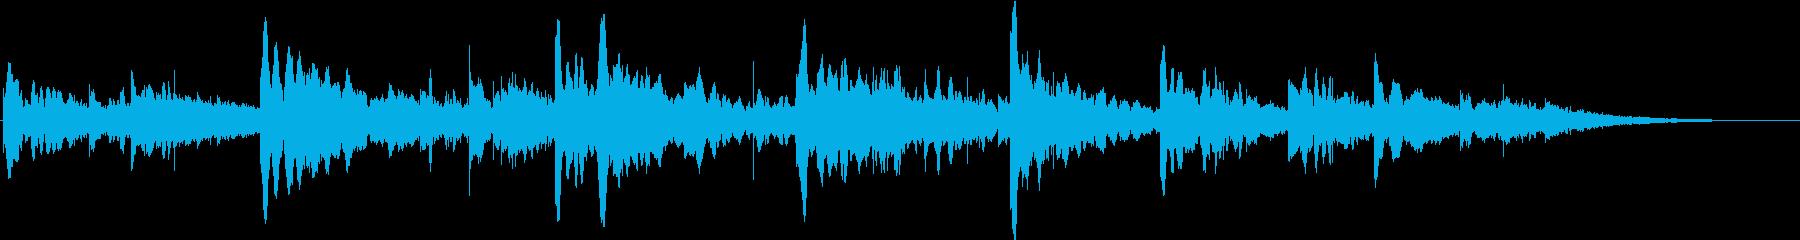 宇宙的なSF系のアンビエンスの再生済みの波形